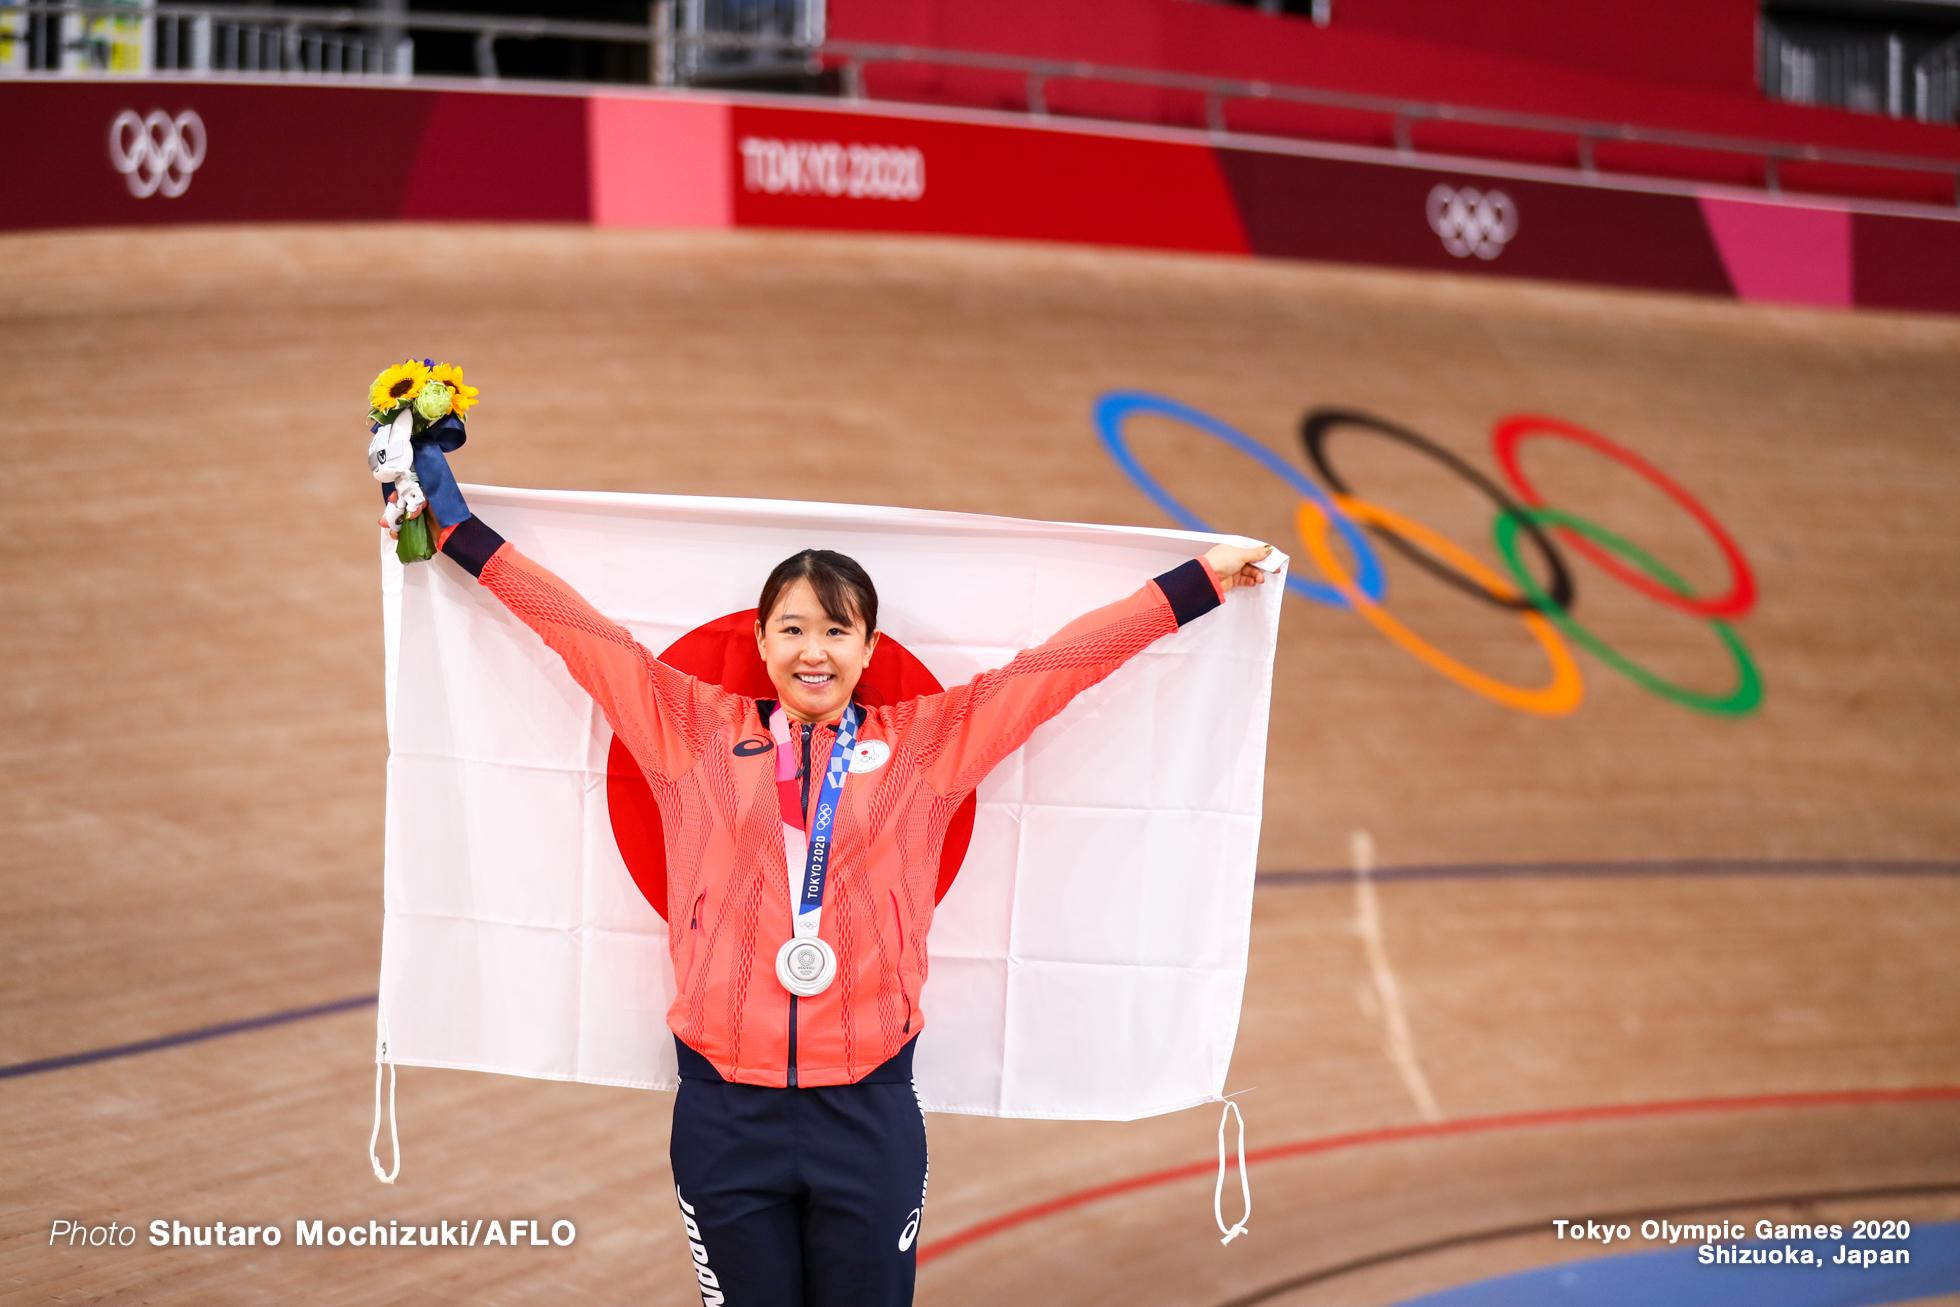 梶原悠未 Yumi Kajihara (JPN), Women's Omnium AUGUST 8, 2021 - Cycling : during the Tokyo 2020 Olympic Games at the Izu Velodrome in Shizuoka, Japan. (Photo by Shutaro Mochizuki/AFLO)